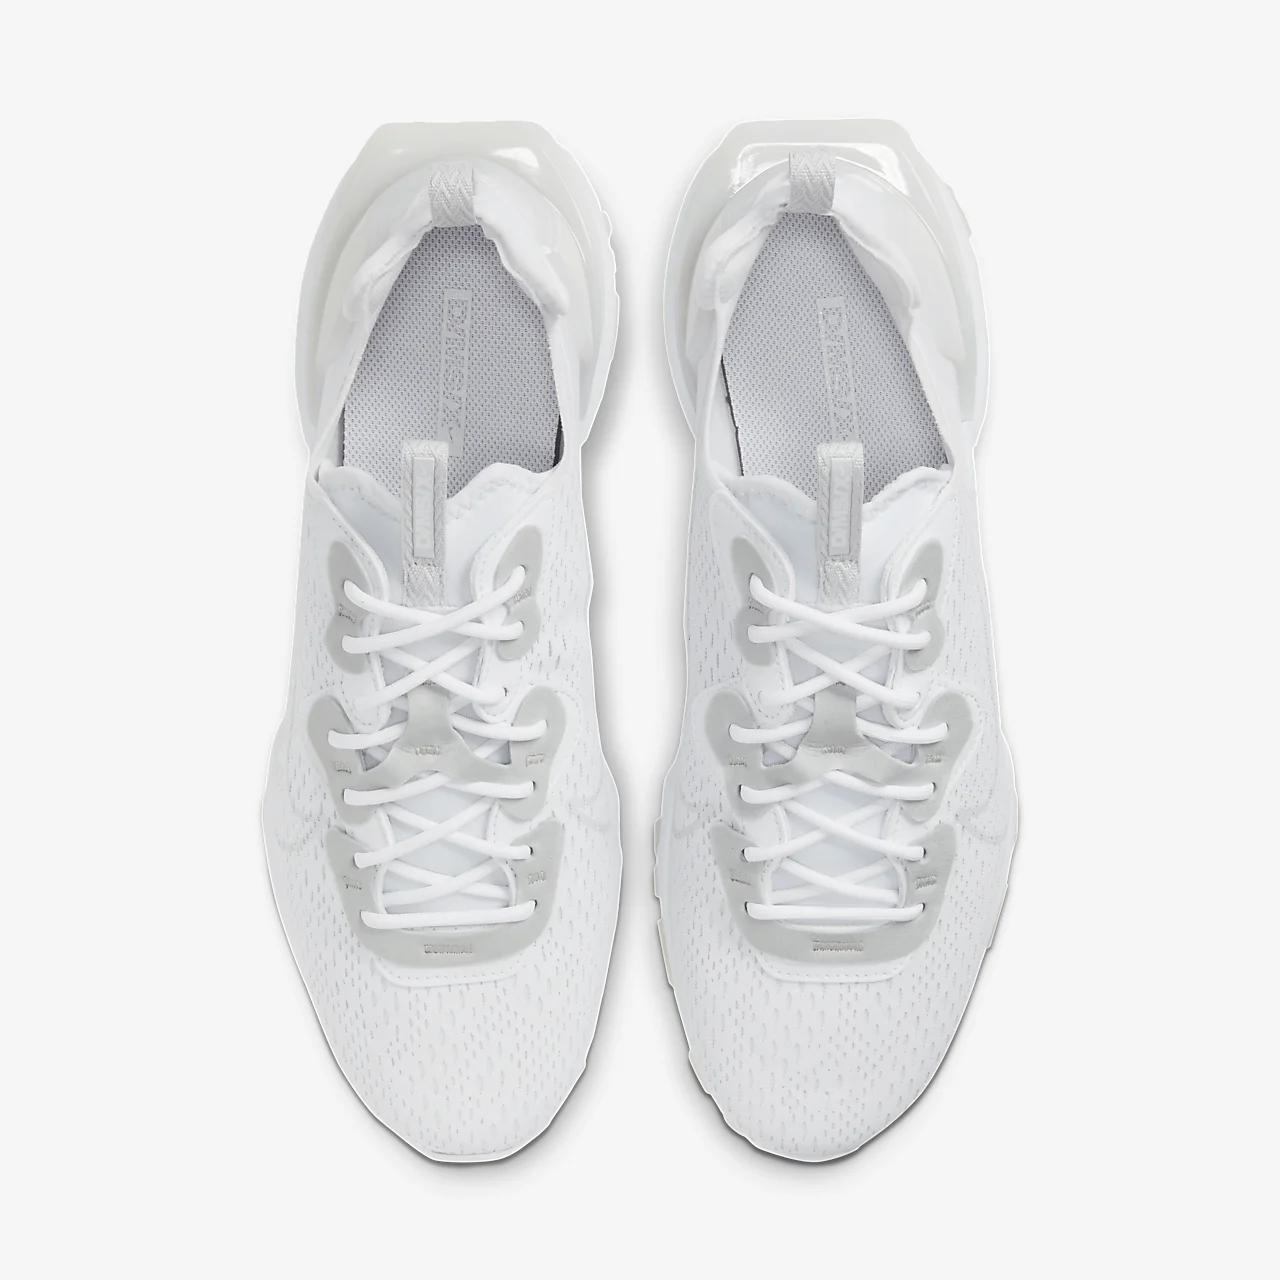 나이키 리액트 비전 남성 신발 CD4373-101